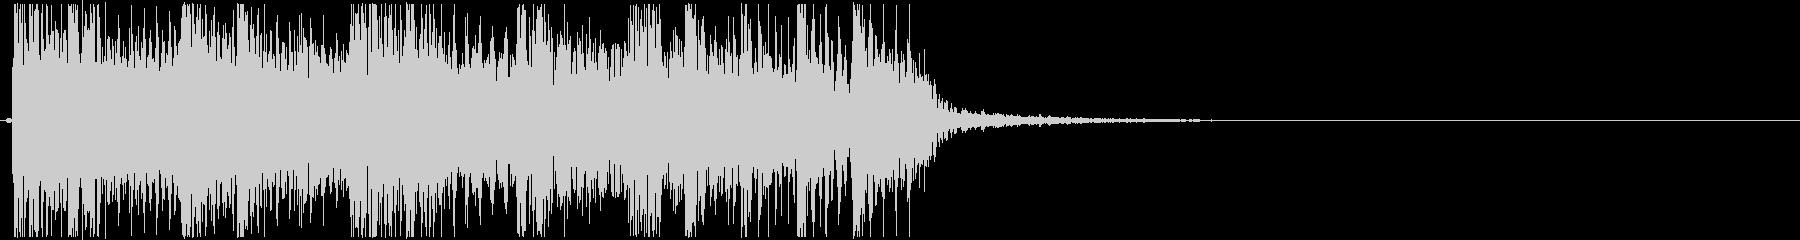 生演奏メタルなアイキャッチ11の未再生の波形